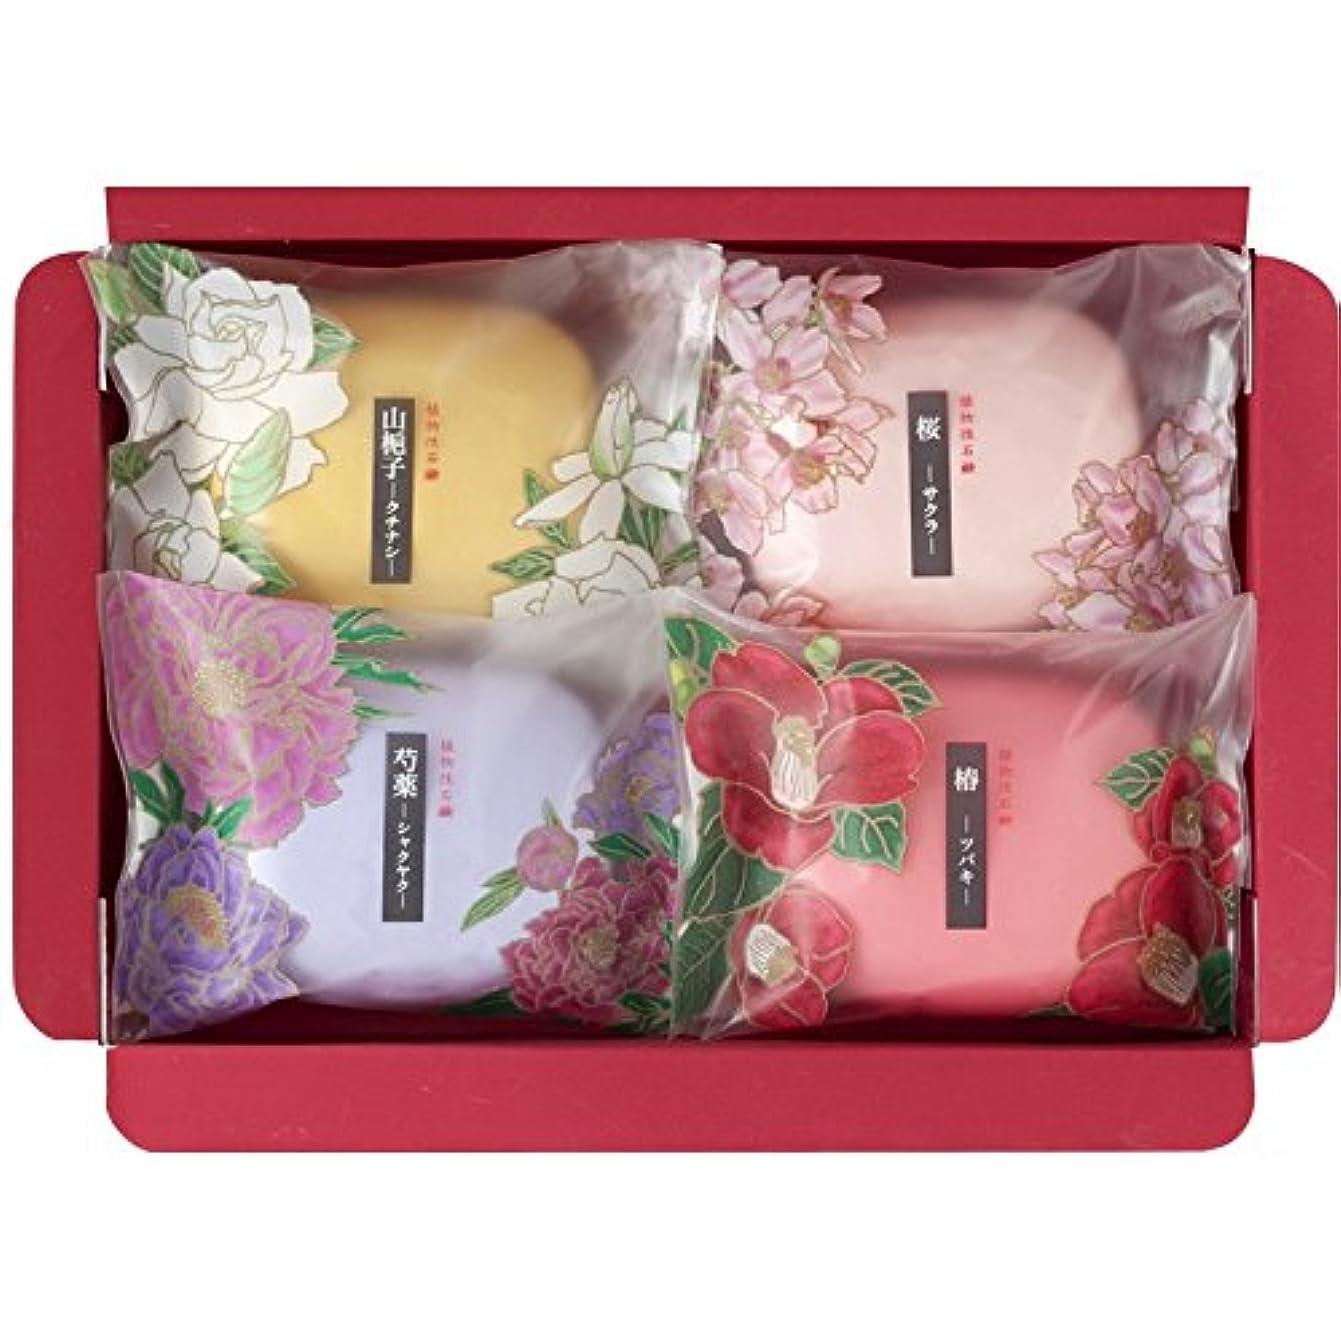 高原クリアするだろう彩花だより SAK-05 【石けん 石鹸 うるおい いい香り 固形 詰め合わせ セット 良い香り 美容 個包装 肌に優しい 日本製】